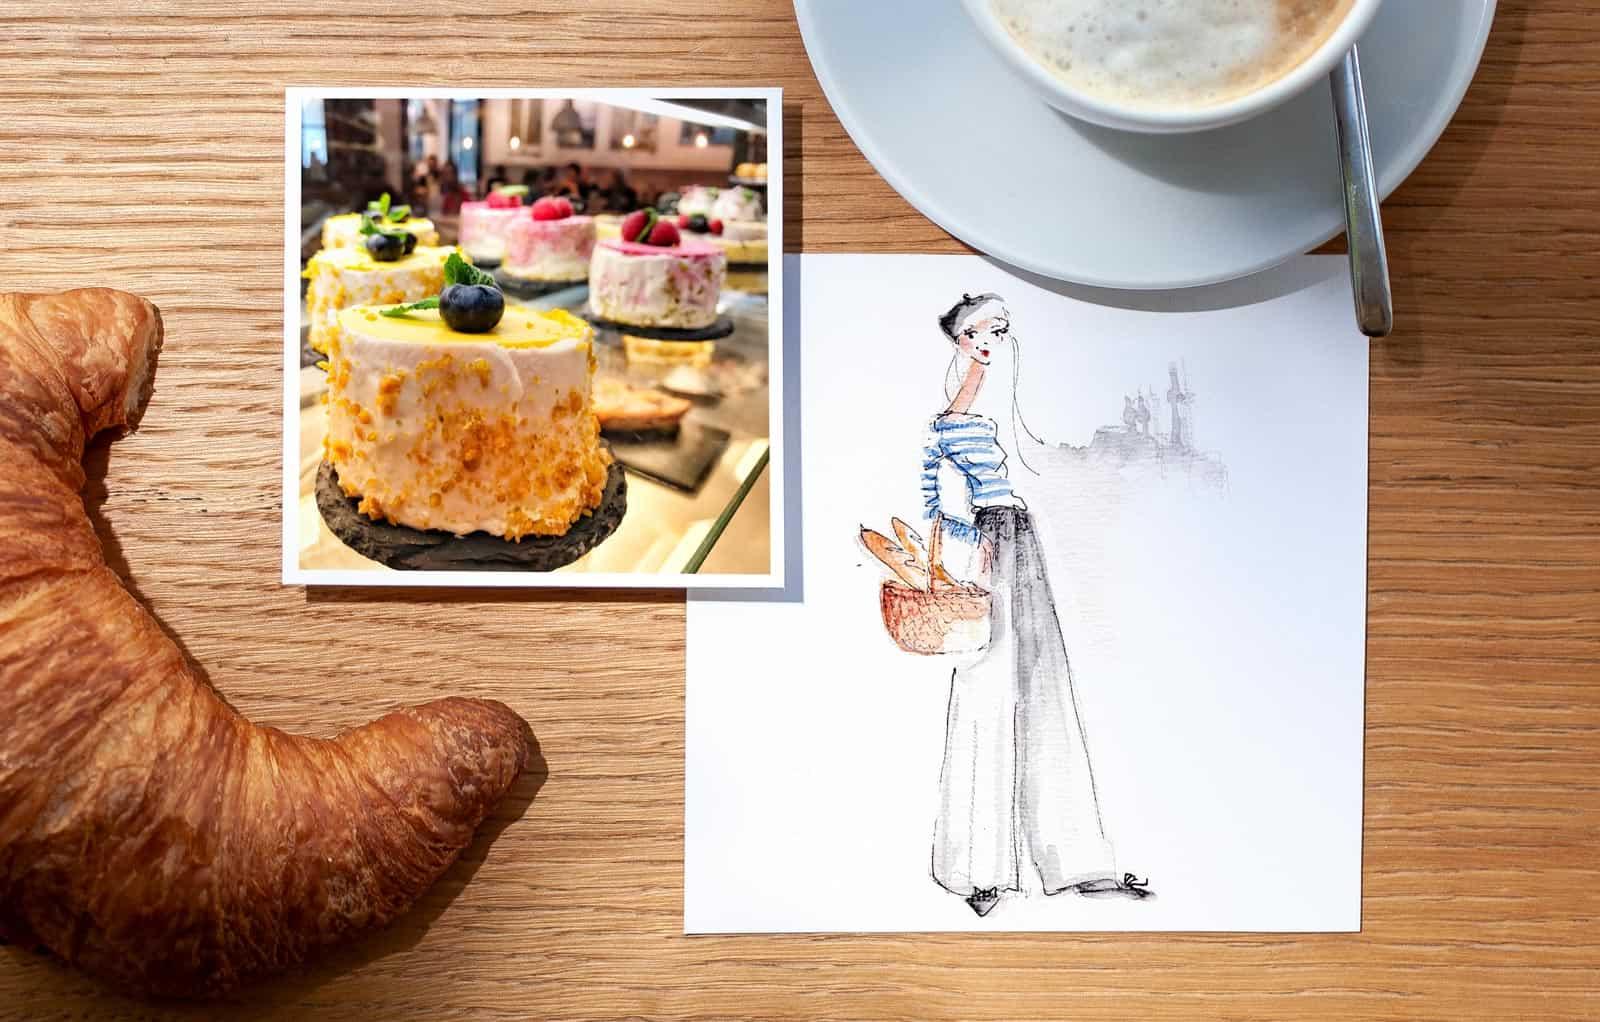 französische Cafés in München - Dominique - Nadja König